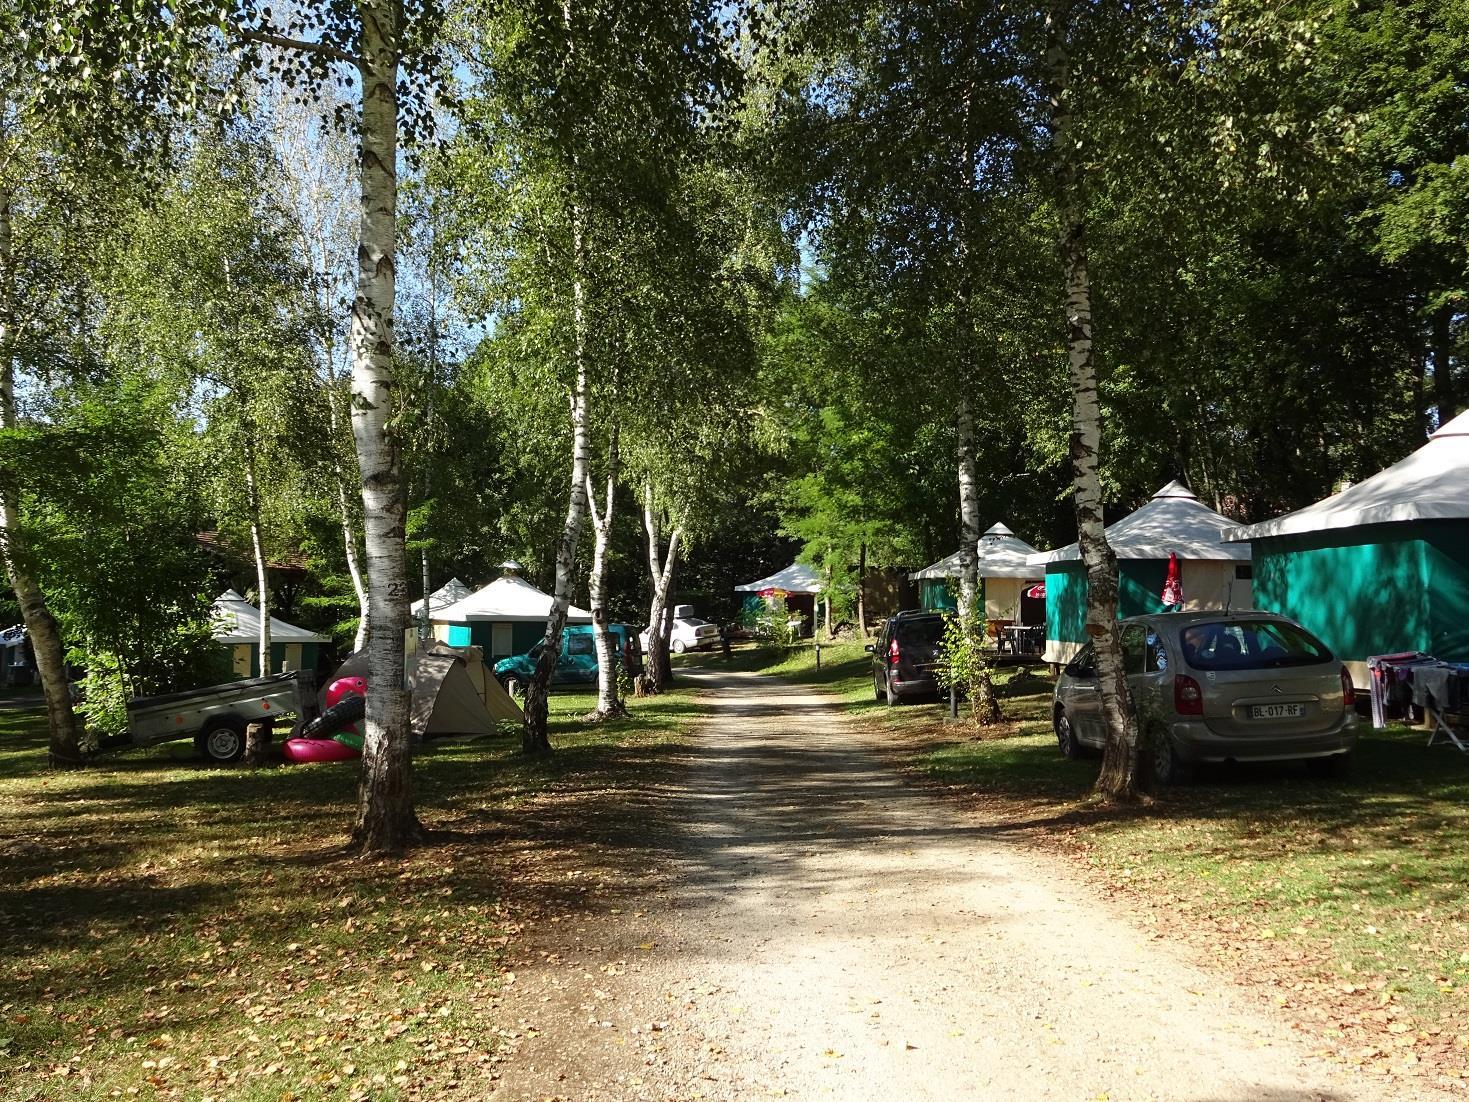 Emplacement - Forfait Confort 2 Campeurs - 1 Tente Ou Caravane - 1 Véhicule, Avec Électricité - Camping Parc d'Audinac les Bains